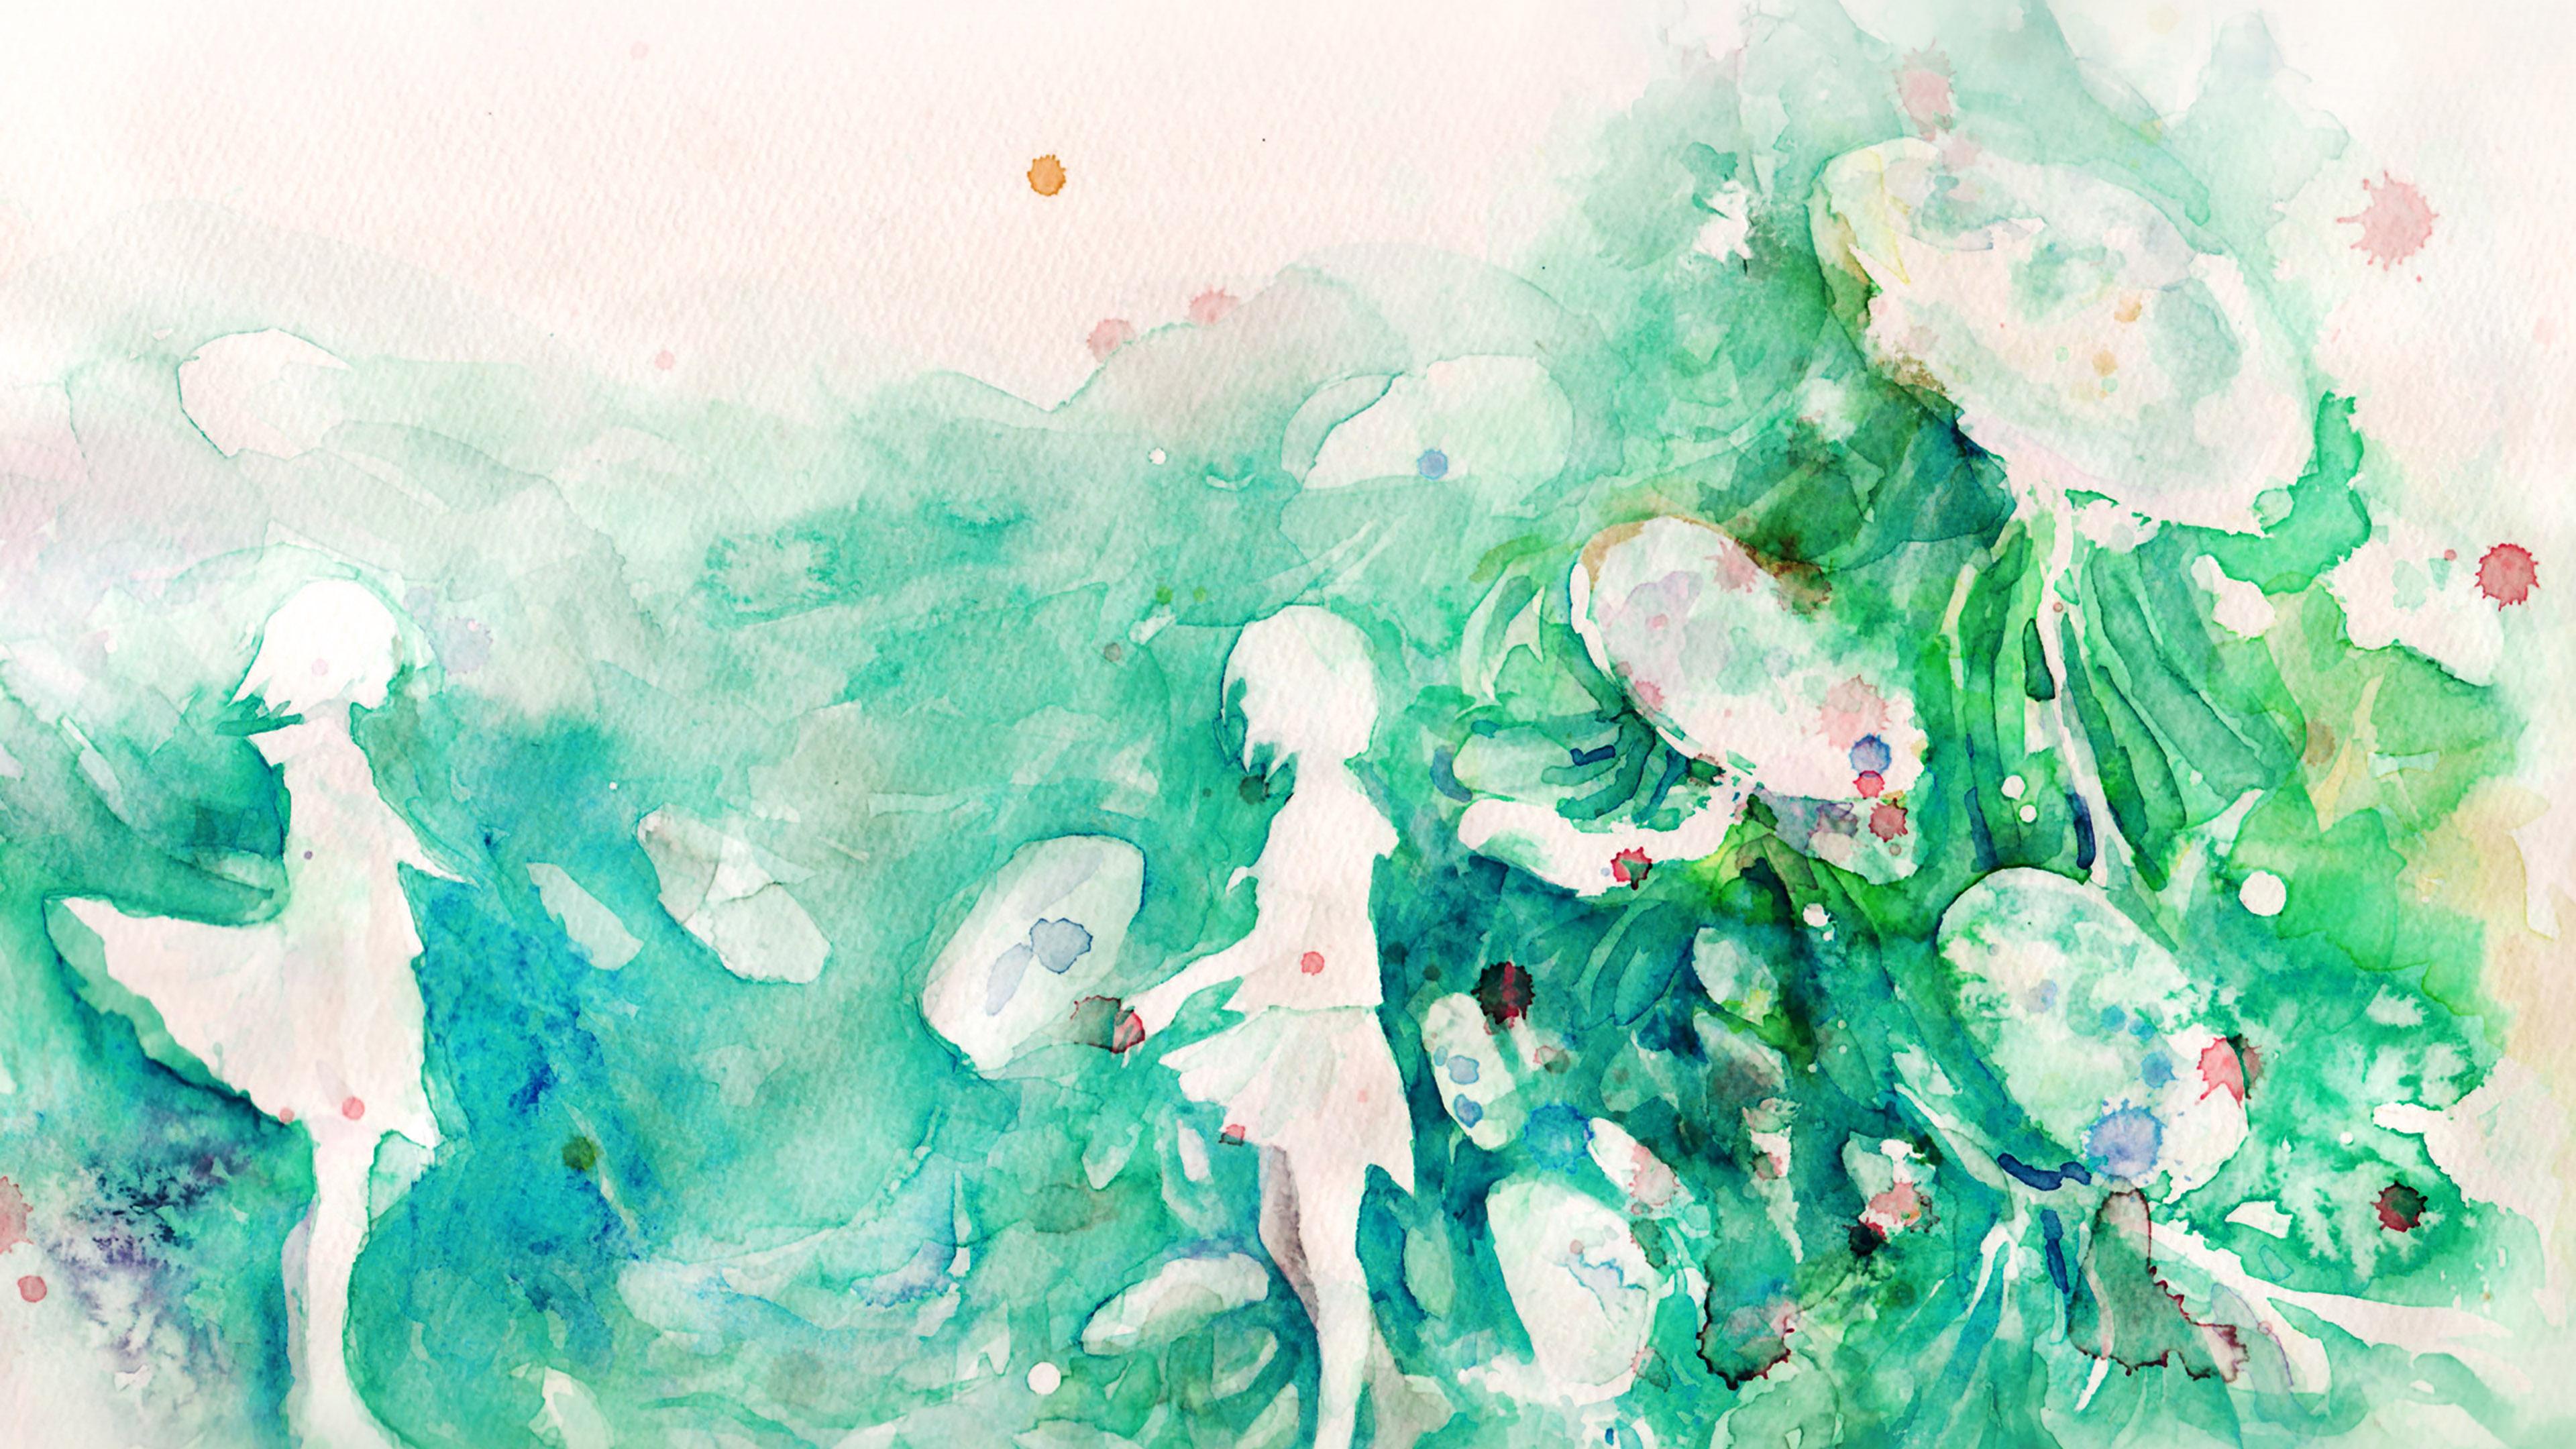 Free Fall Desktop Wallpaper For Mac Ai07 Watercolor Green Girl Nature Art Illust Wallpaper